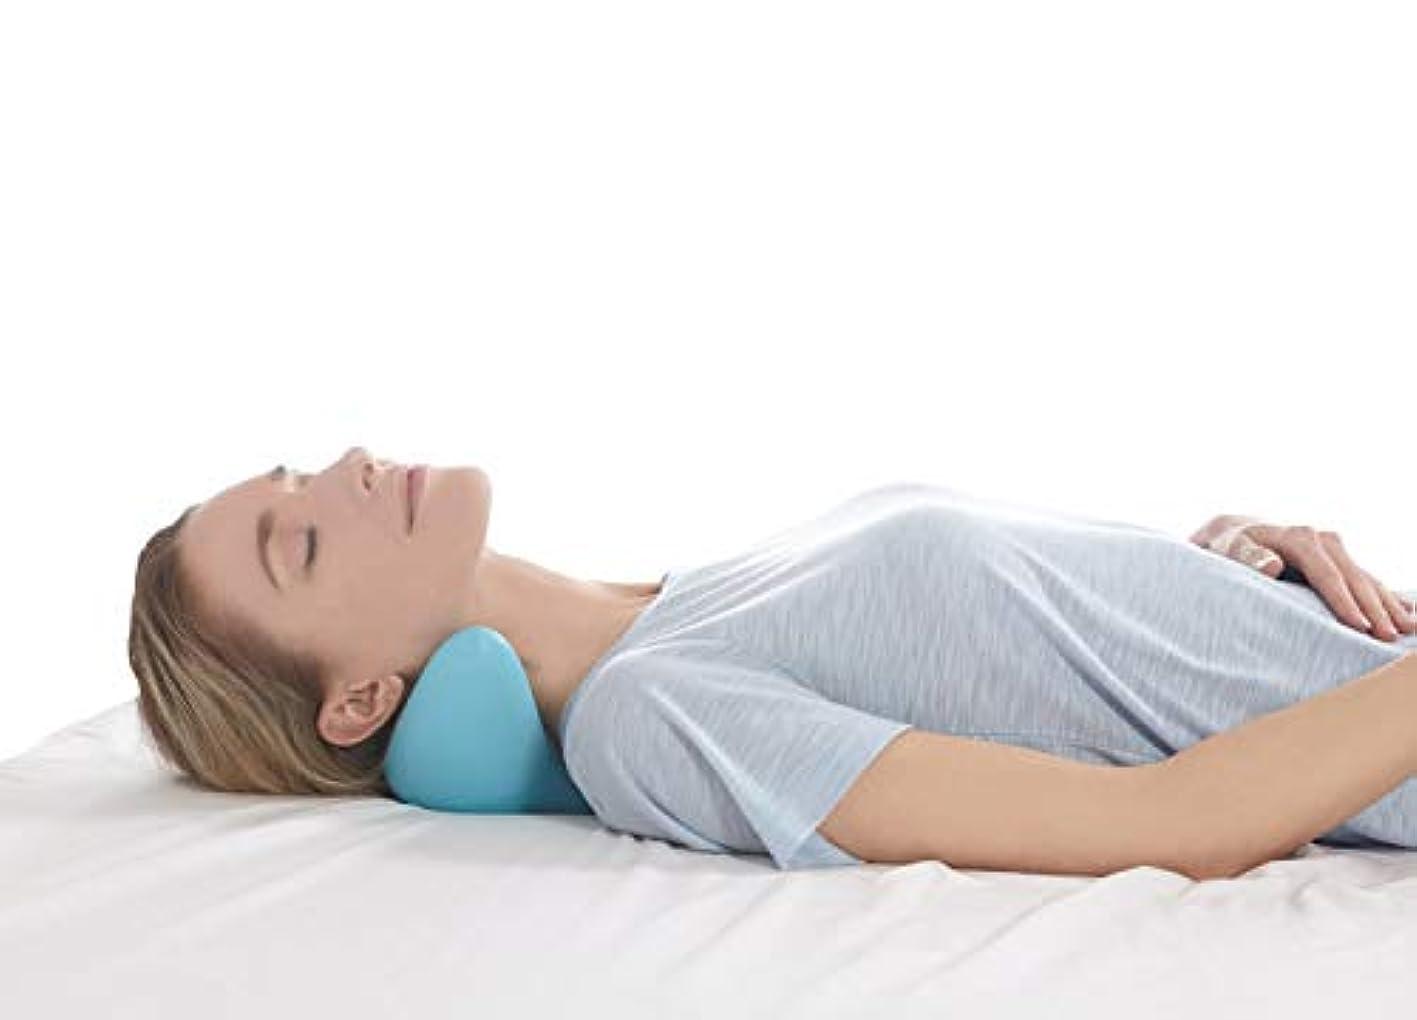 製品フィルタ期待してC-REST - ストレス解消、 頭痛、不眠症解消 ネックマッサージャ、ネックストレッチャー